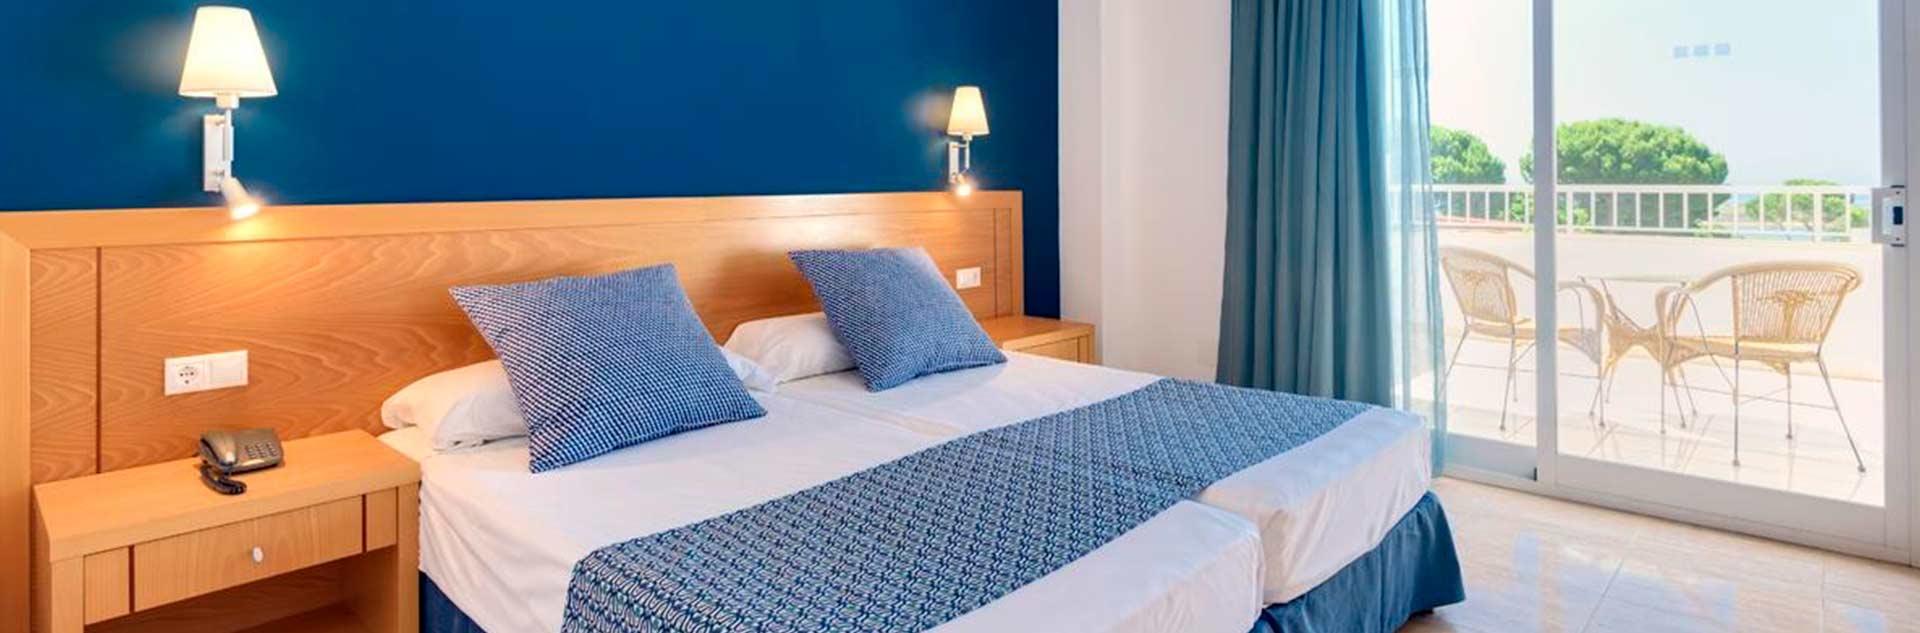 habitacion del estandar del hotel Sentido Playanatural 4*